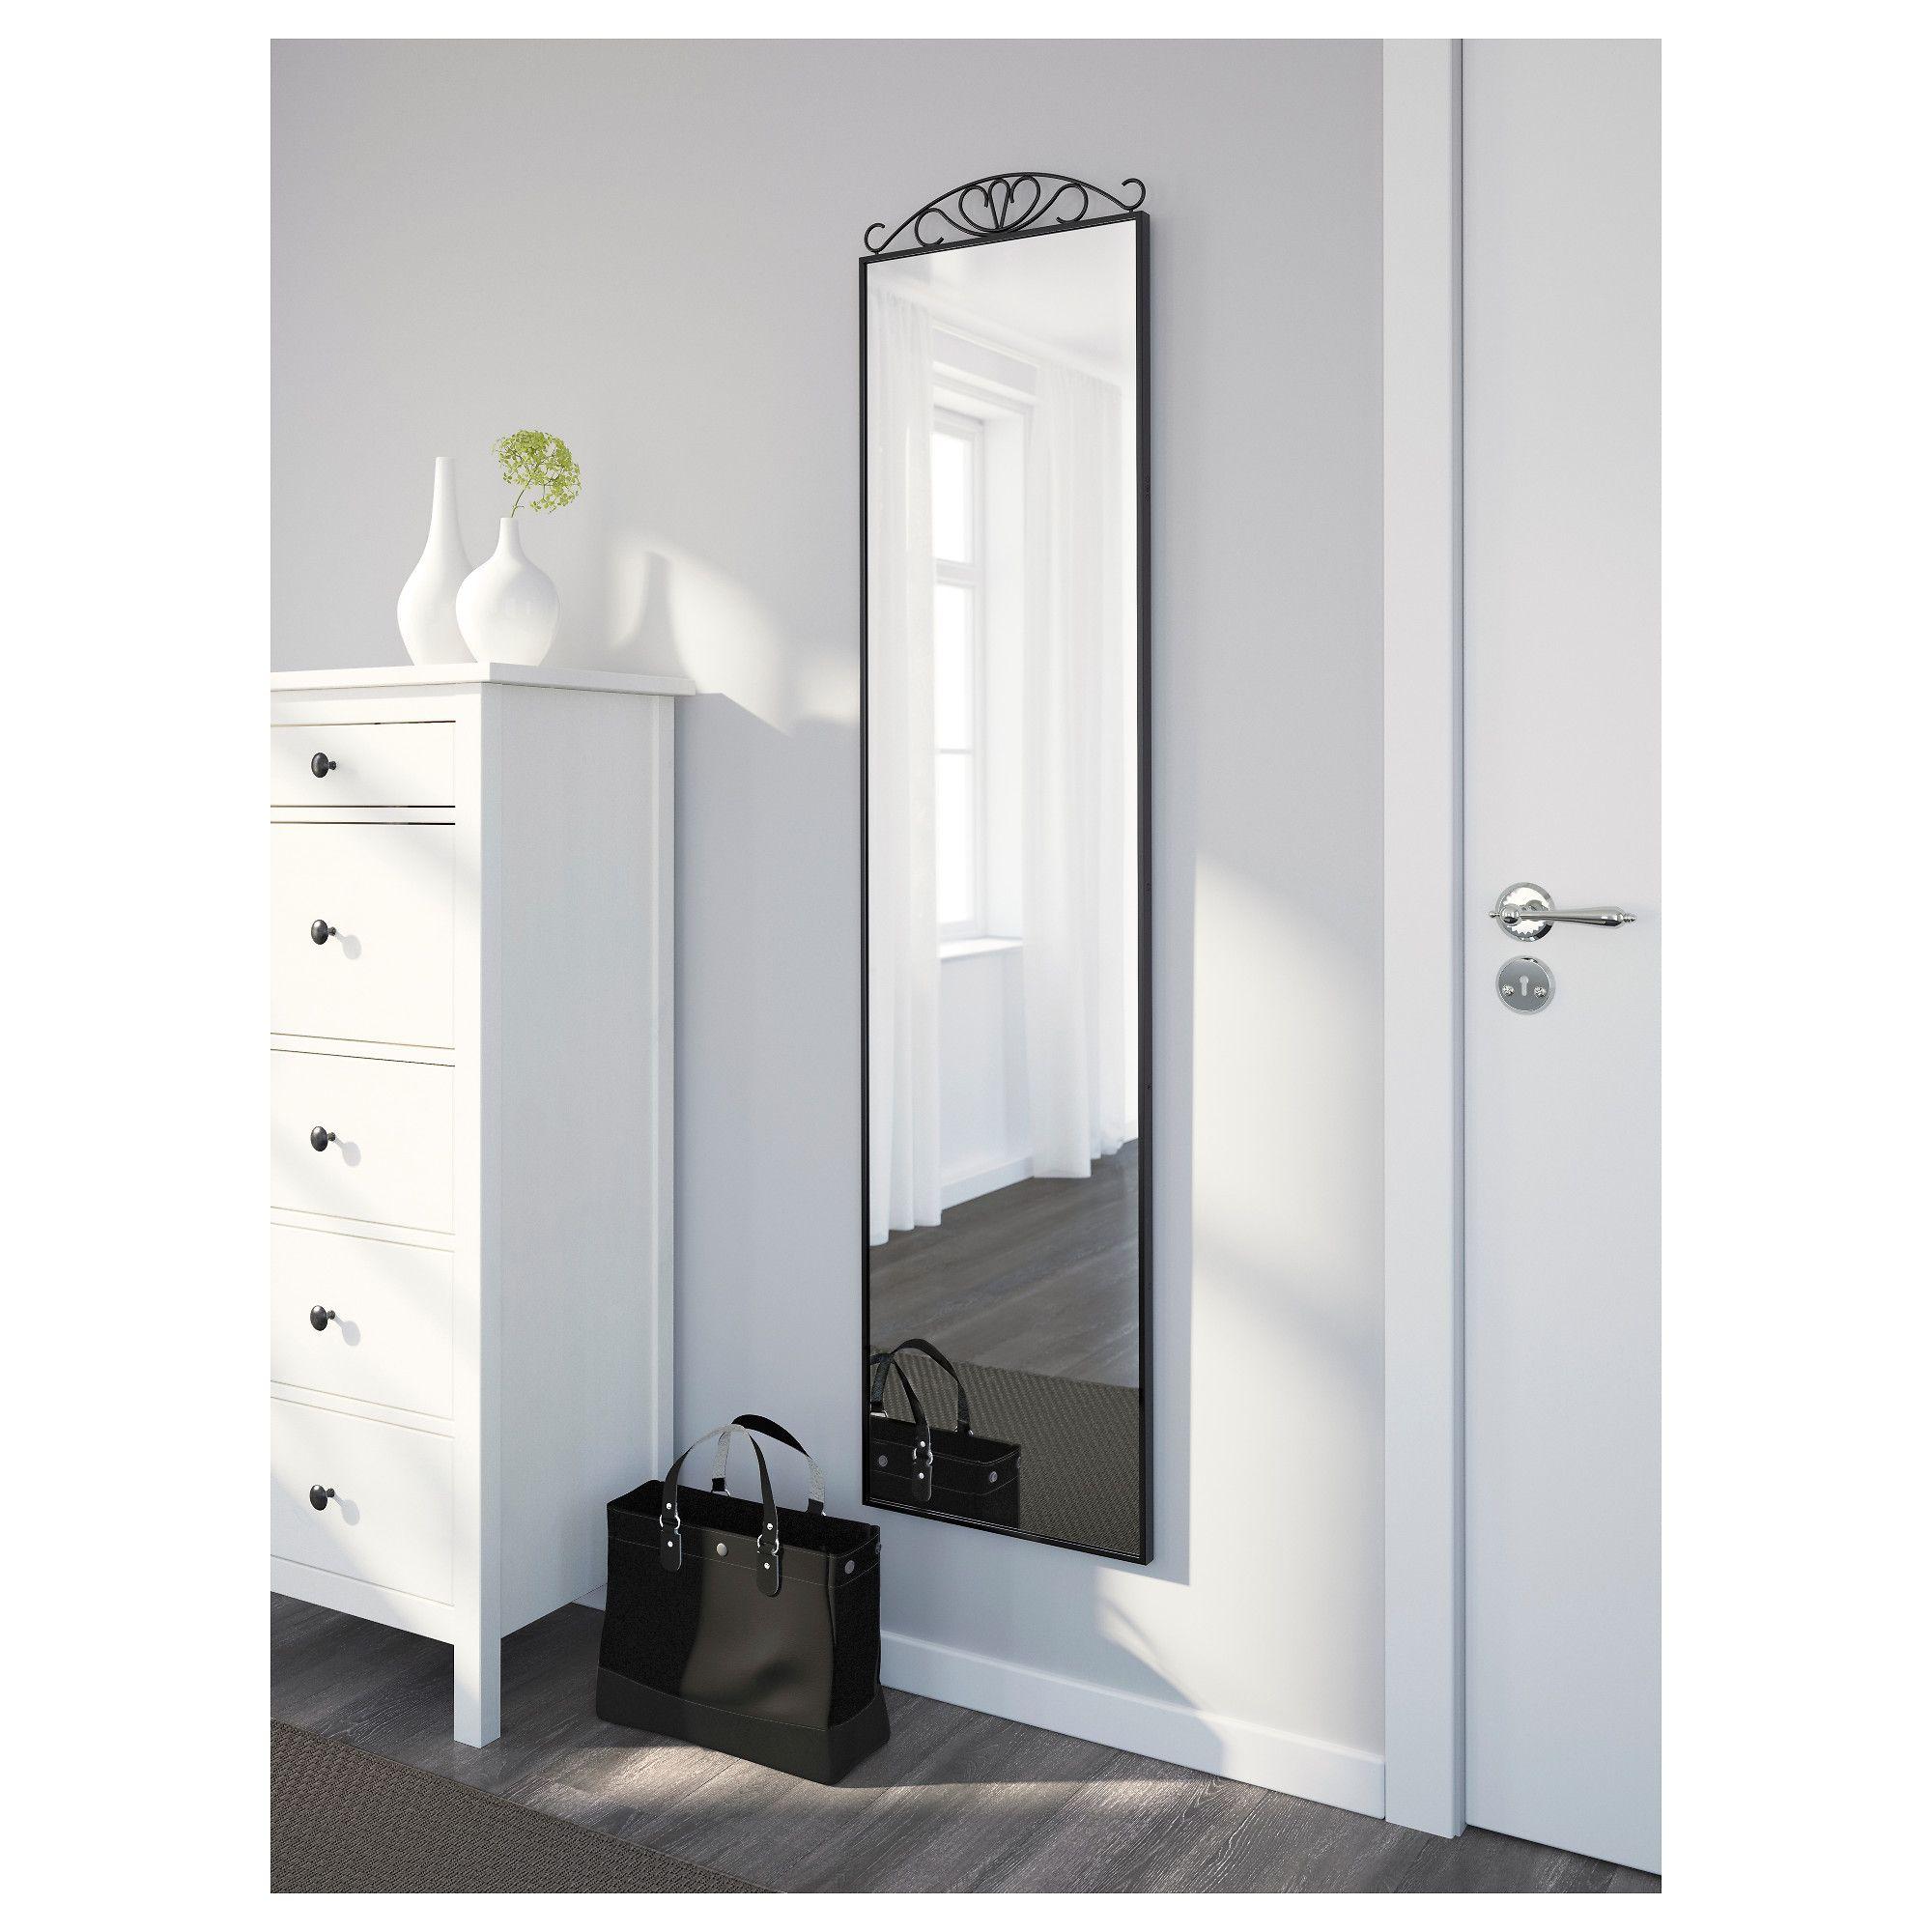 Karmsund Standing Mirror Black 40x167 Cm Ikea